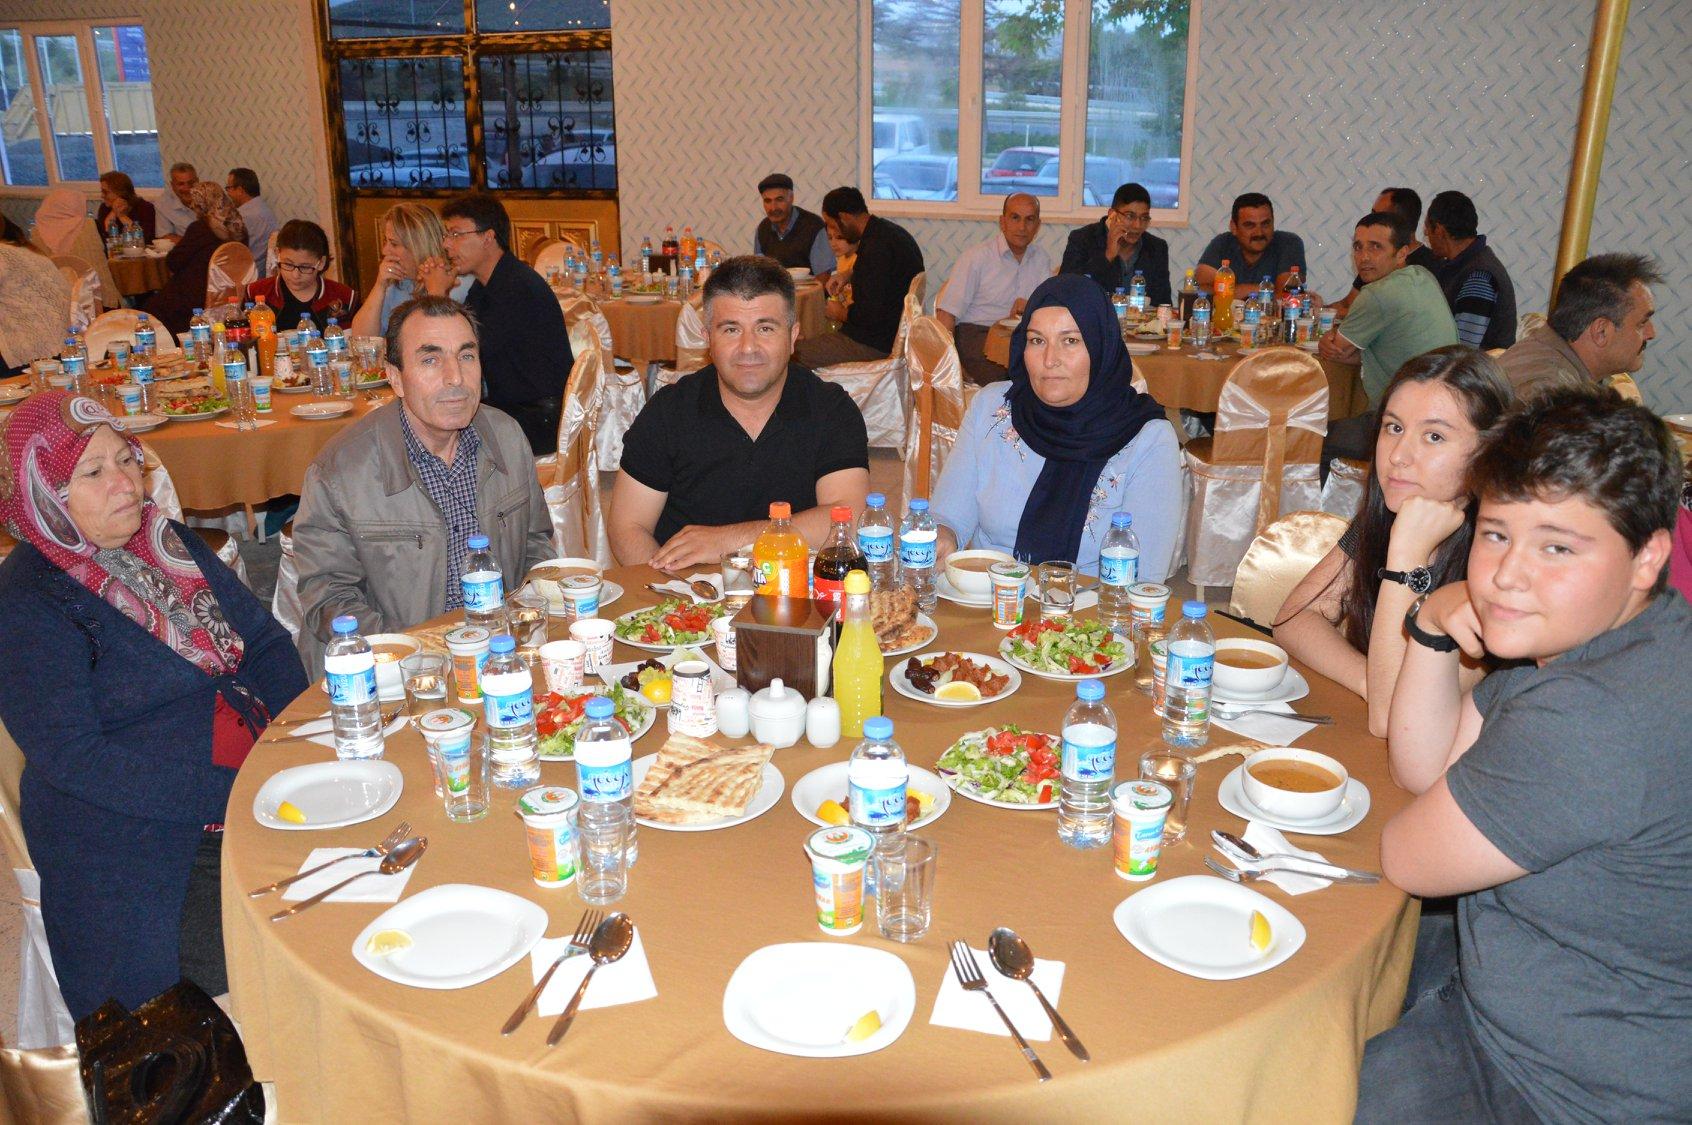 Belediye Personelimiz ve Meclis Üyelerimiz ile Düzenlediğimiz İftar Yemeğinde Biraraya Geldik.